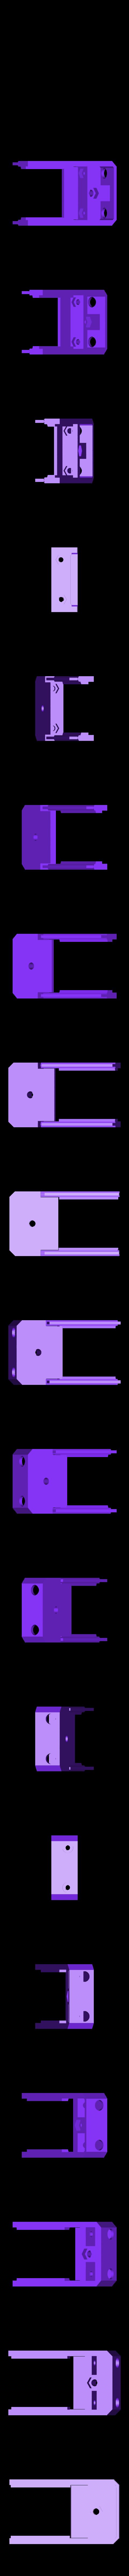 IdlerPulleyBracketV2.stl Télécharger fichier STL gratuit Hadron (ORD Bot) X et Y Supports de poulie de renvoi d'angle • Design imprimable en 3D, Duskwin